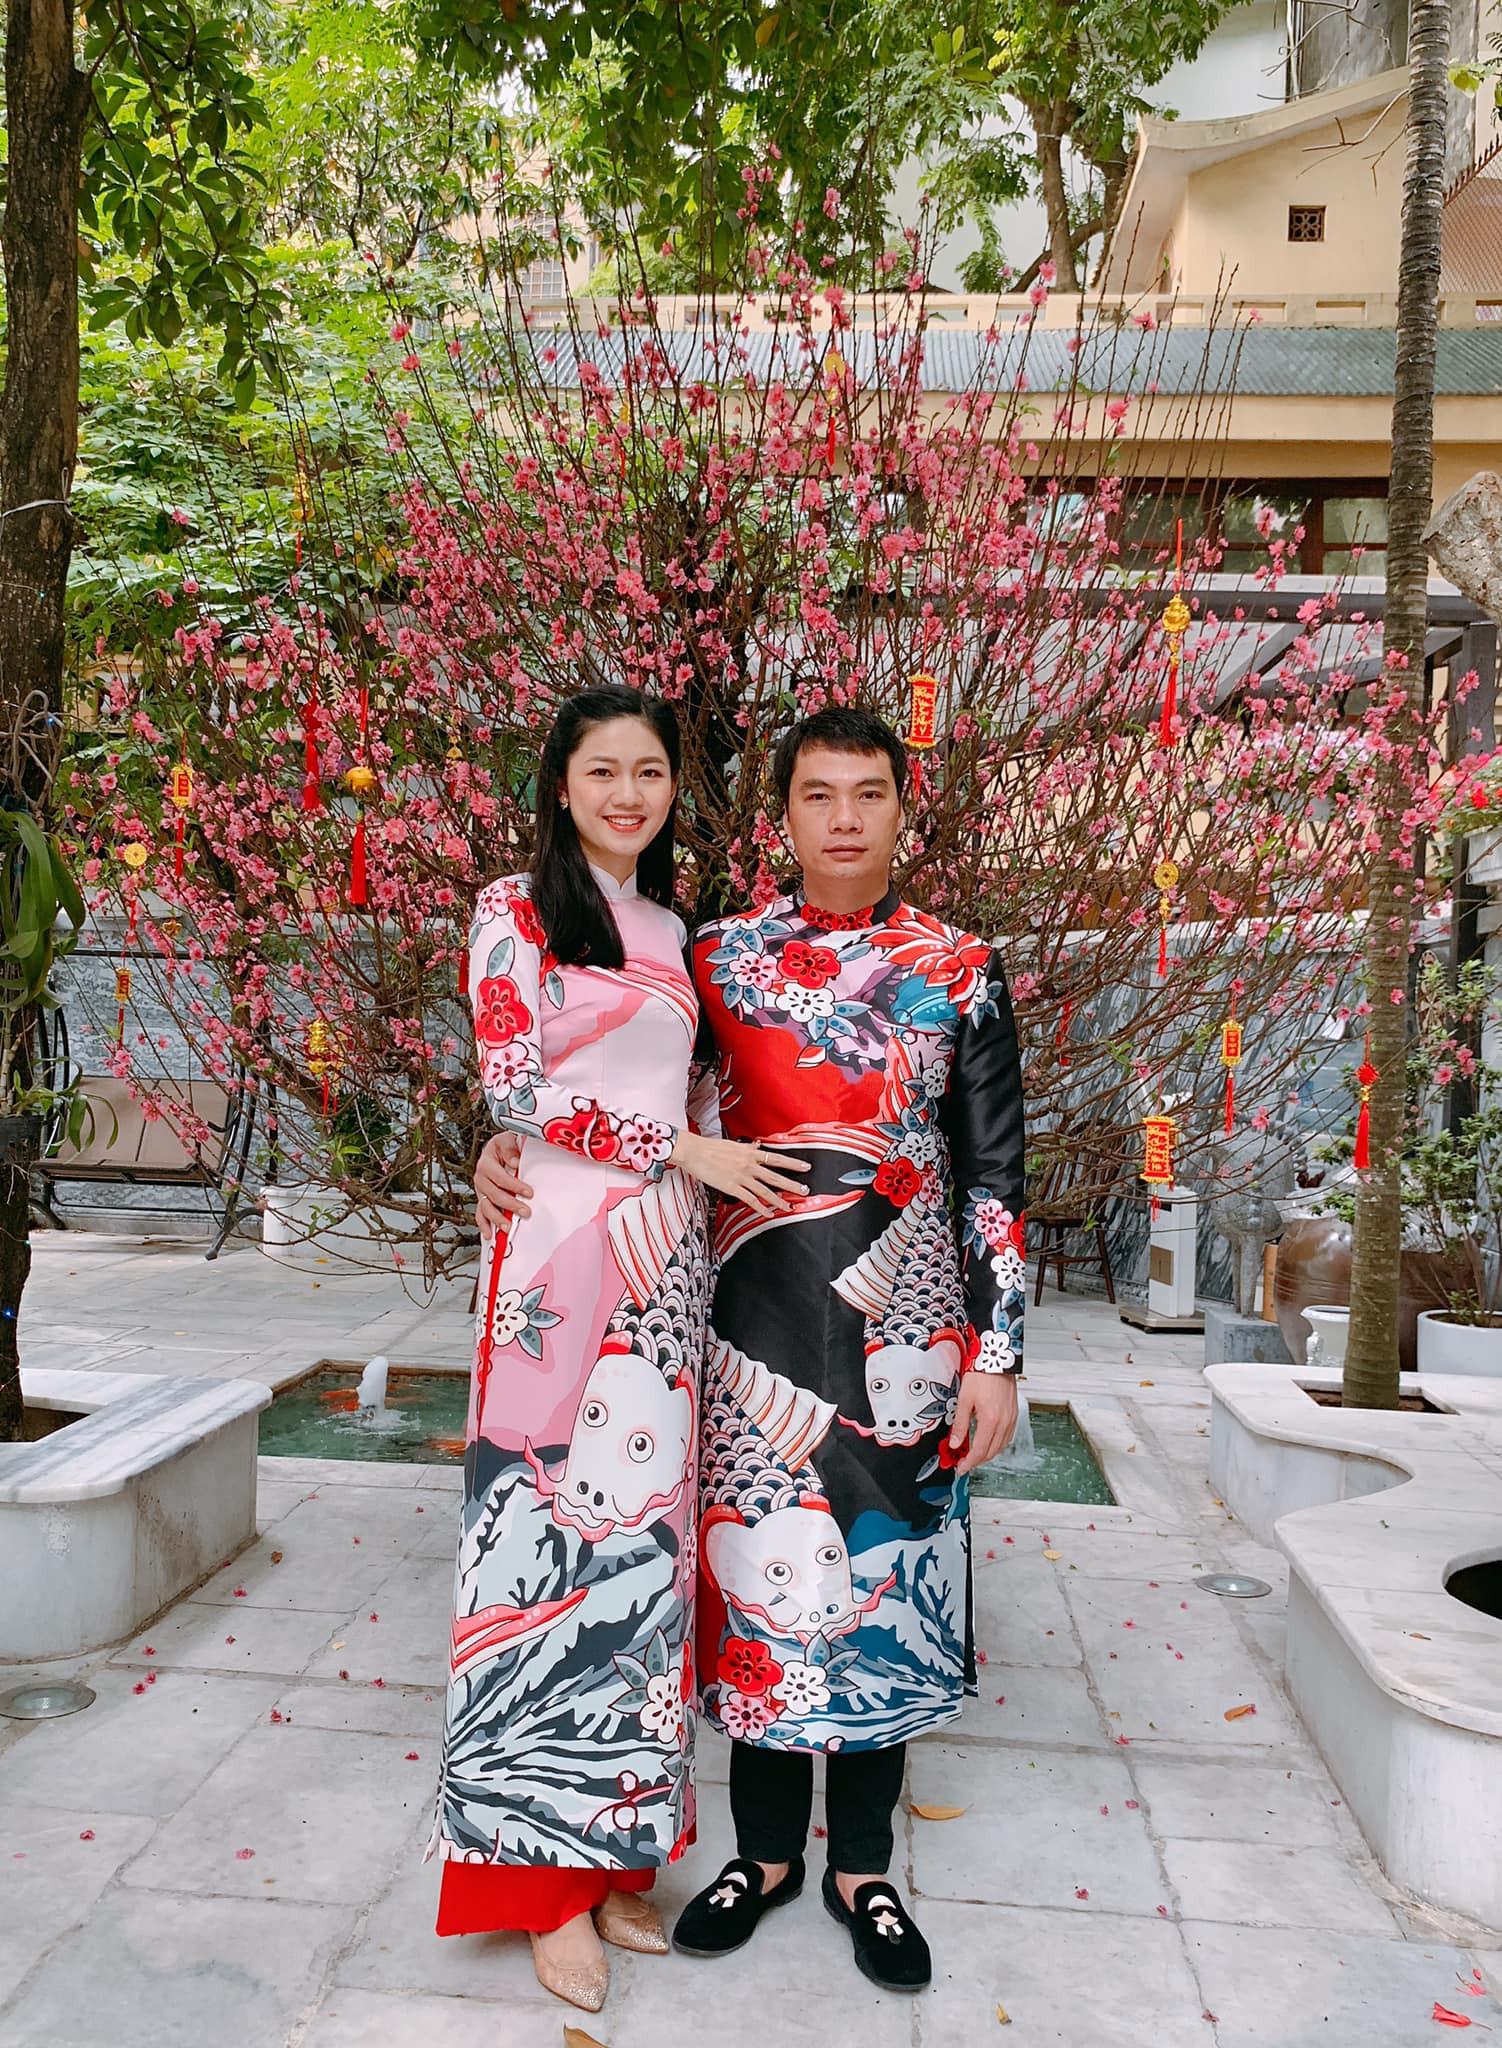 Tết đầu tiên bên gia đình chồng của mỹ nhân Việt: Người chứng minh đúng chuẩn vợ hiền dâu thảo, người xúng xính áo quần cùng chồng đi du xuân - Ảnh 9.